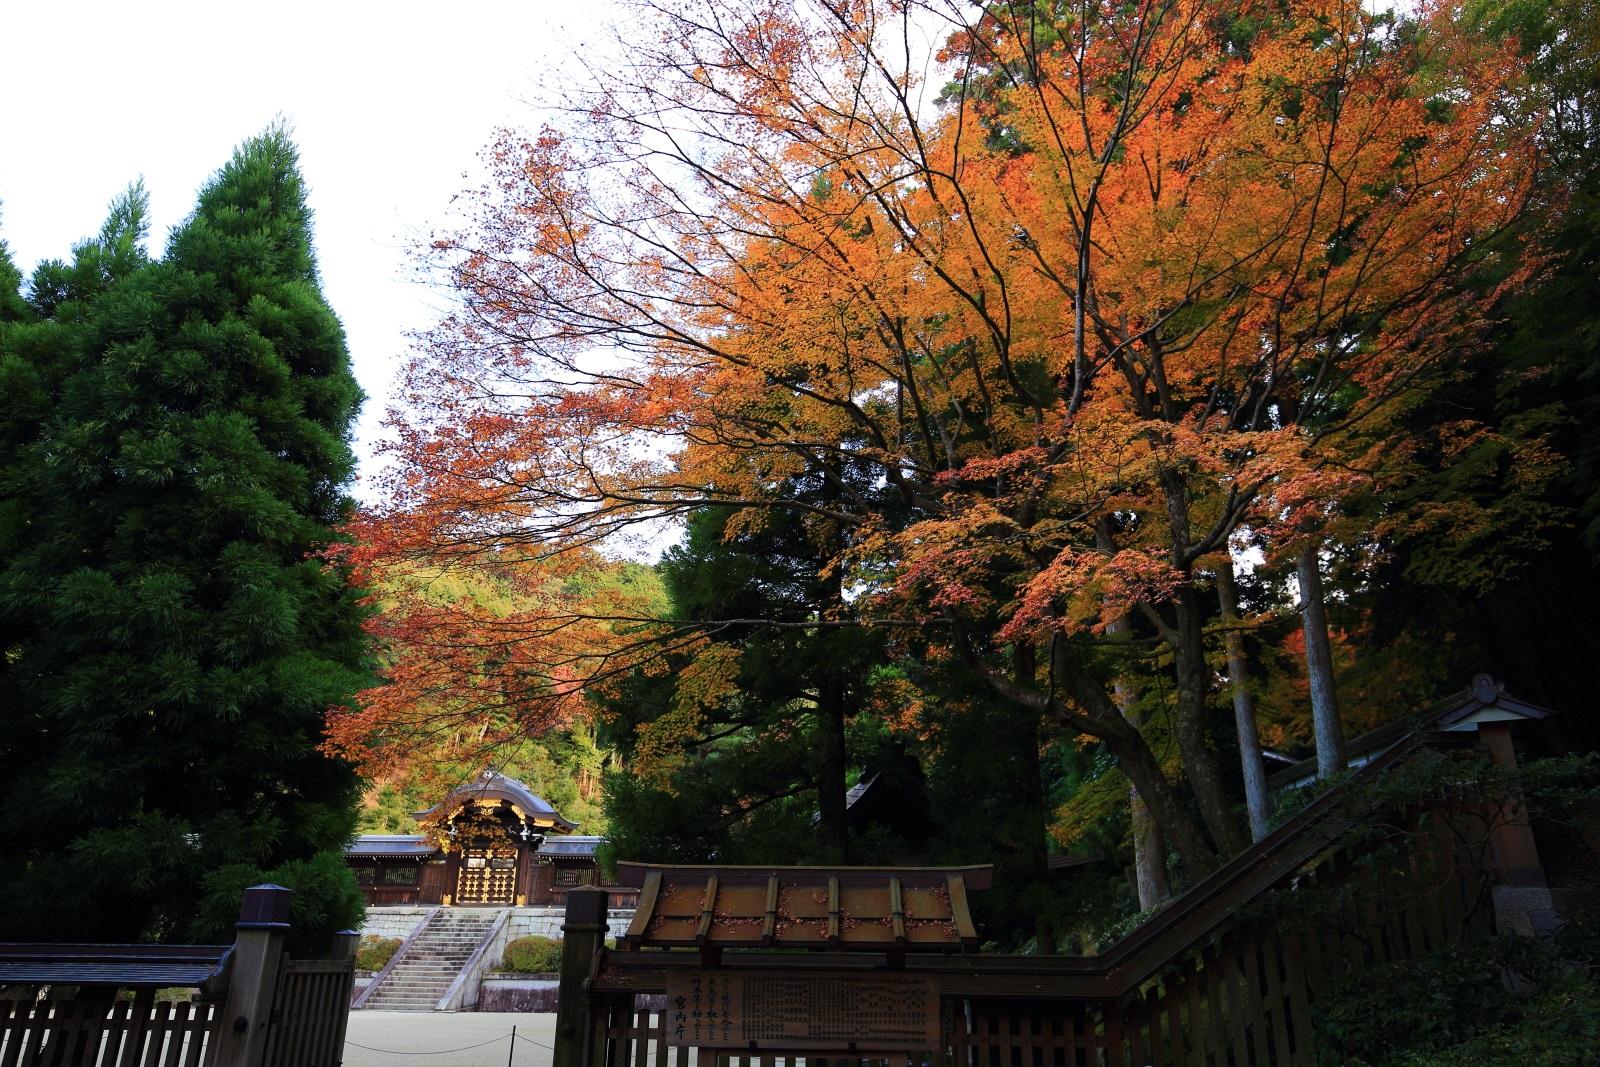 月輪陵(つきのわのみさぎ)入口と紅葉